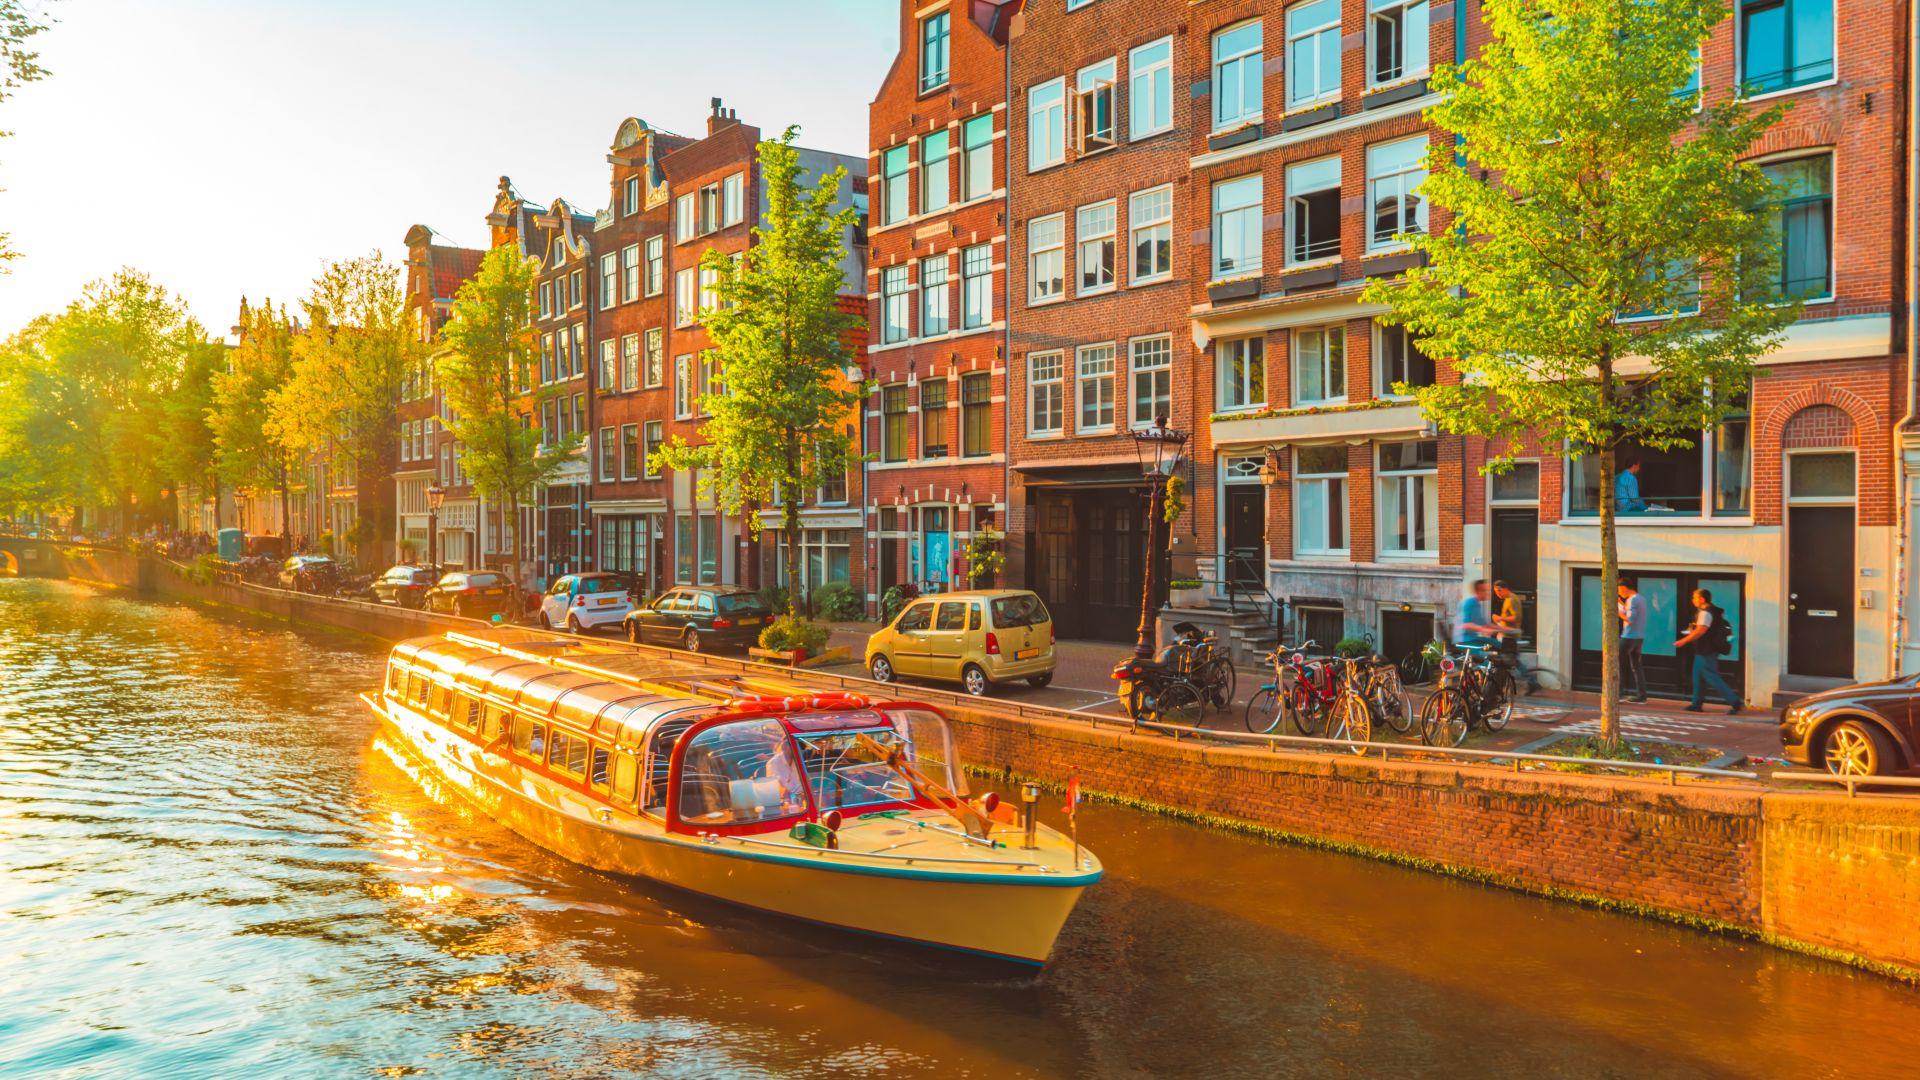 Корабчетата в Амстердам стават електрически предсрочно